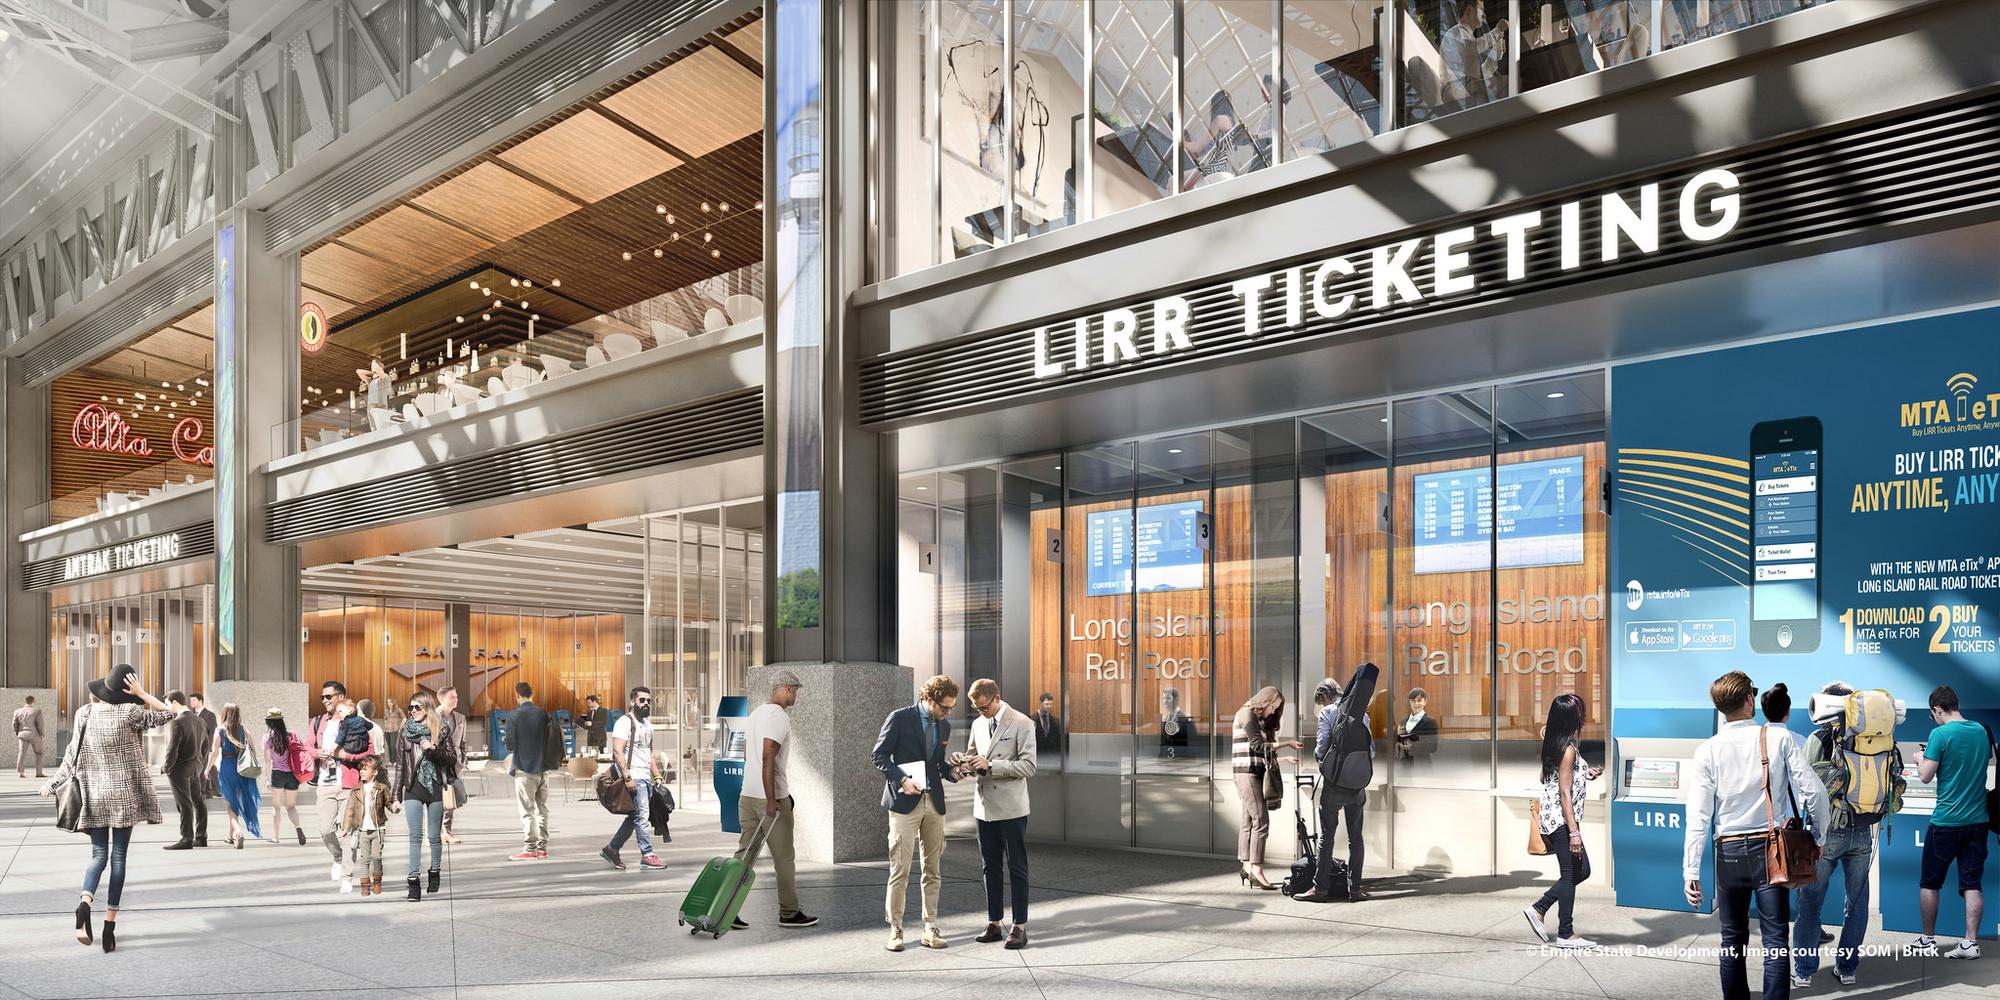 Девелоперами новой Penn Station станут компании Related Companies, Vornado Realty иSkanska. Все вместе они заплатят штату Нью-Йорк $600млн, атакже предоставят региональным властям часть площадей ирекламных пространств вздании вокзала